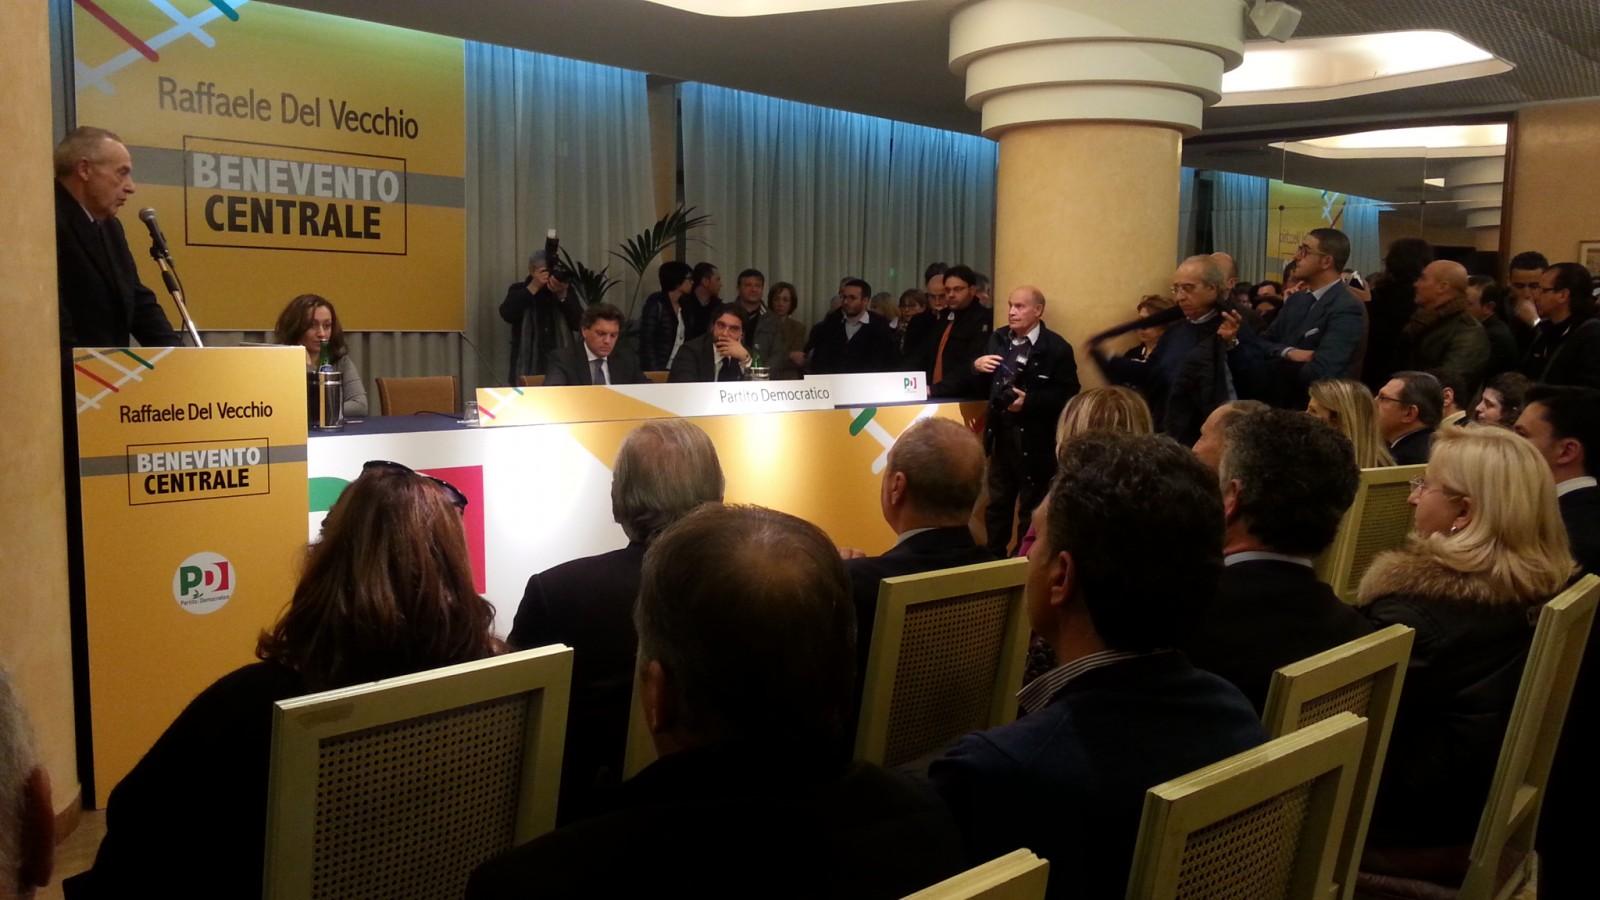 Umberto presenta Del Vecchio